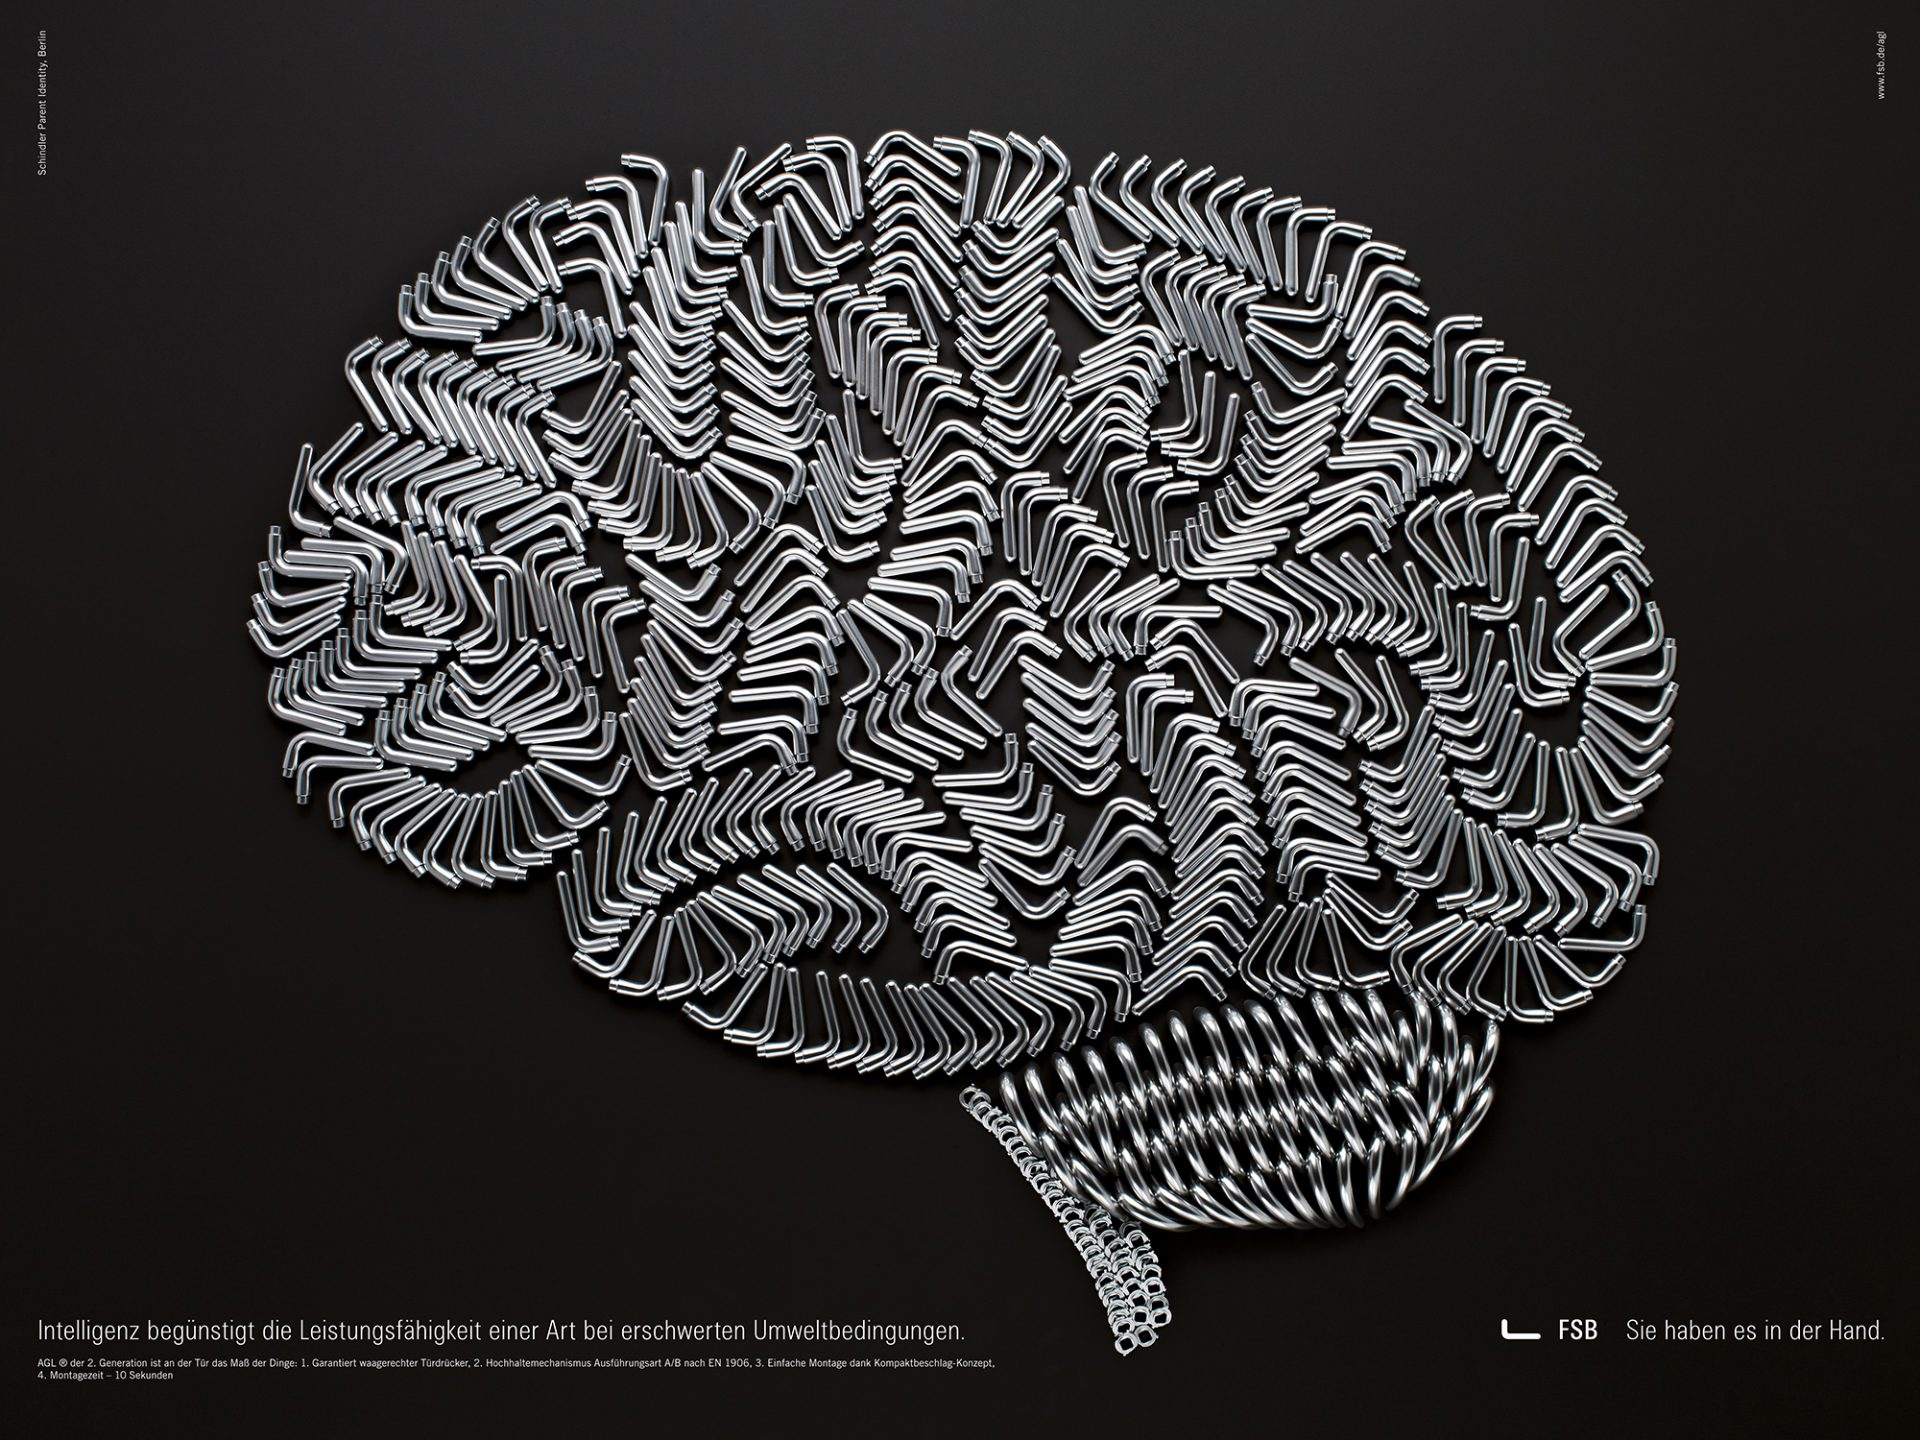 Awesome Das Ergebnis Von Doodle Ein Innovatives Ledersofa Design ...